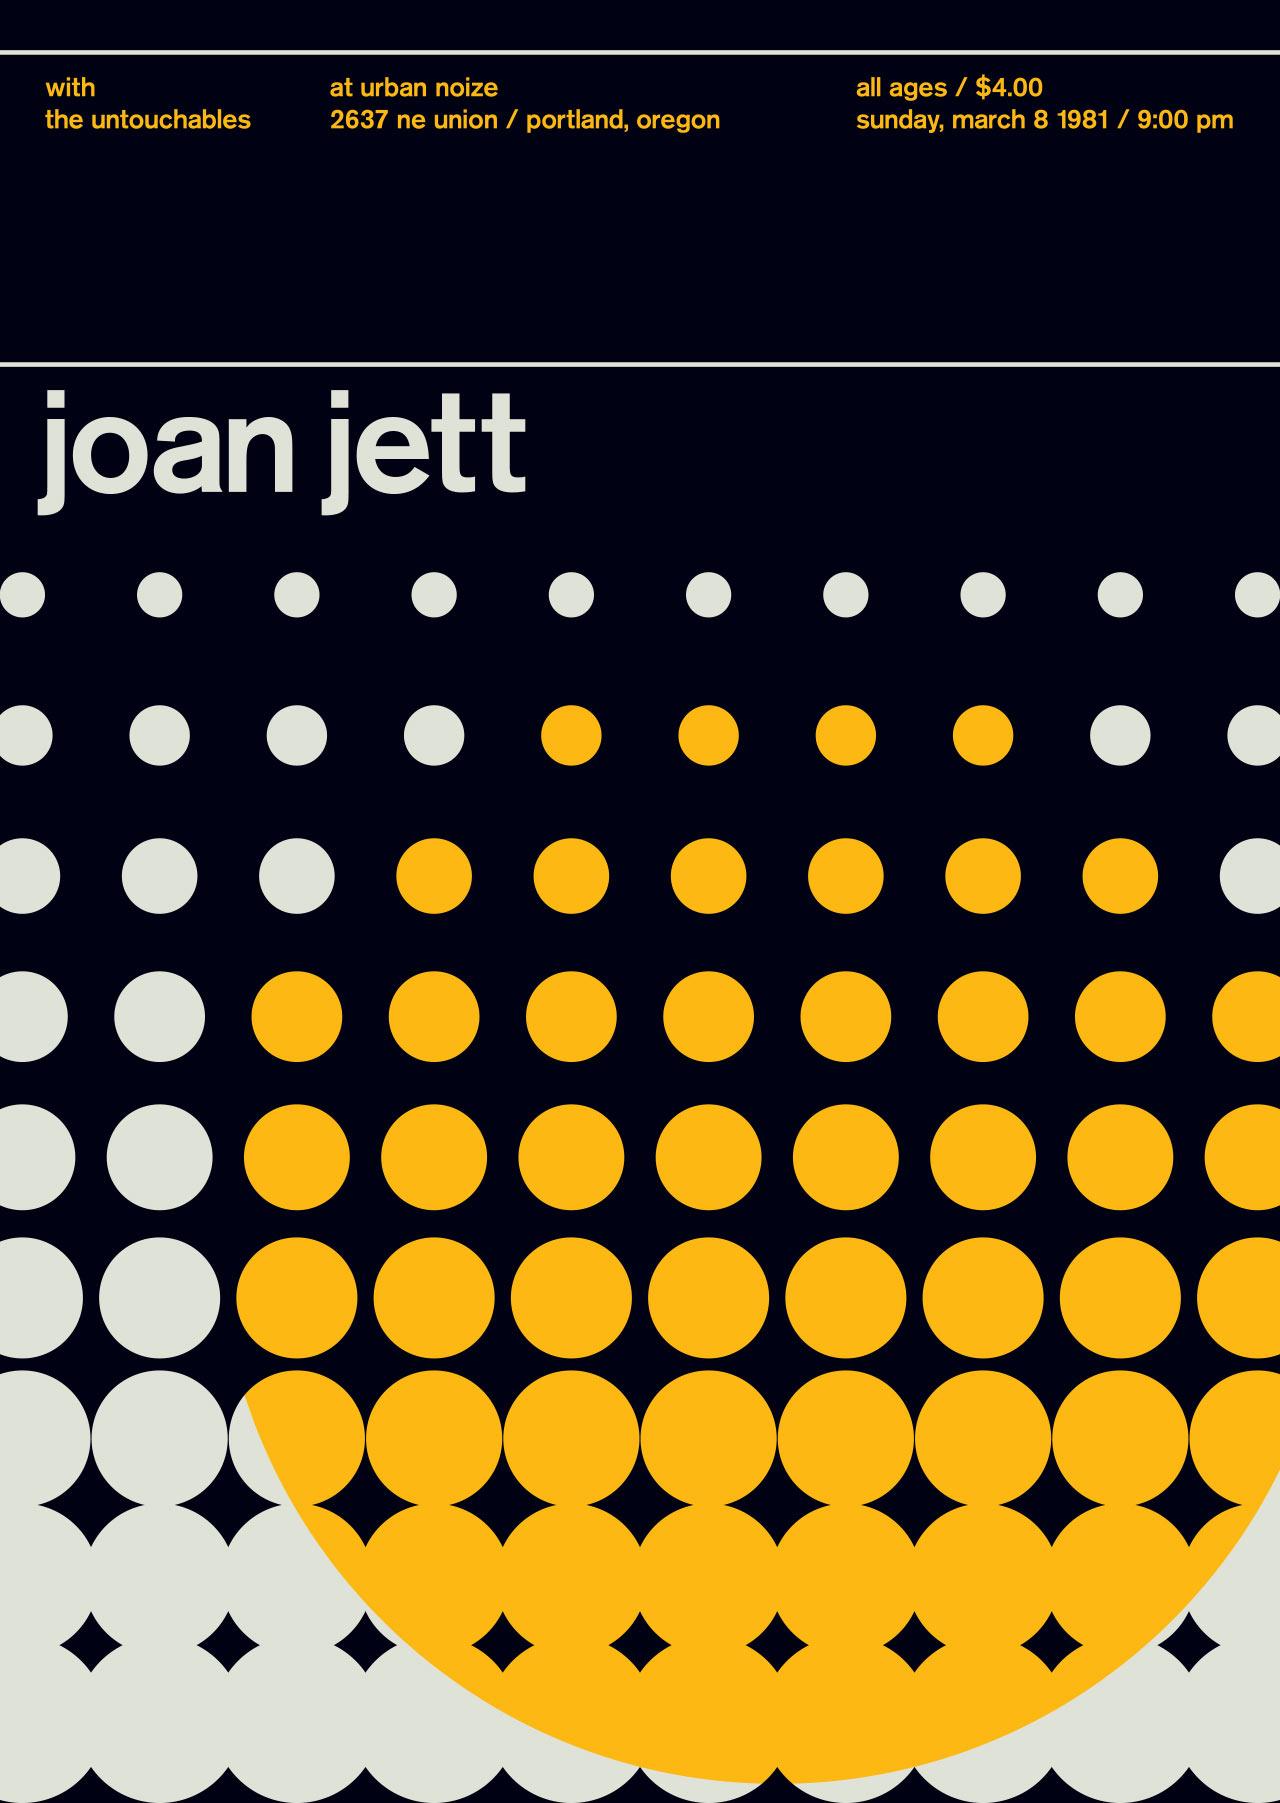 Swissted-Legends_Posters-9-joan_jett_legends_series